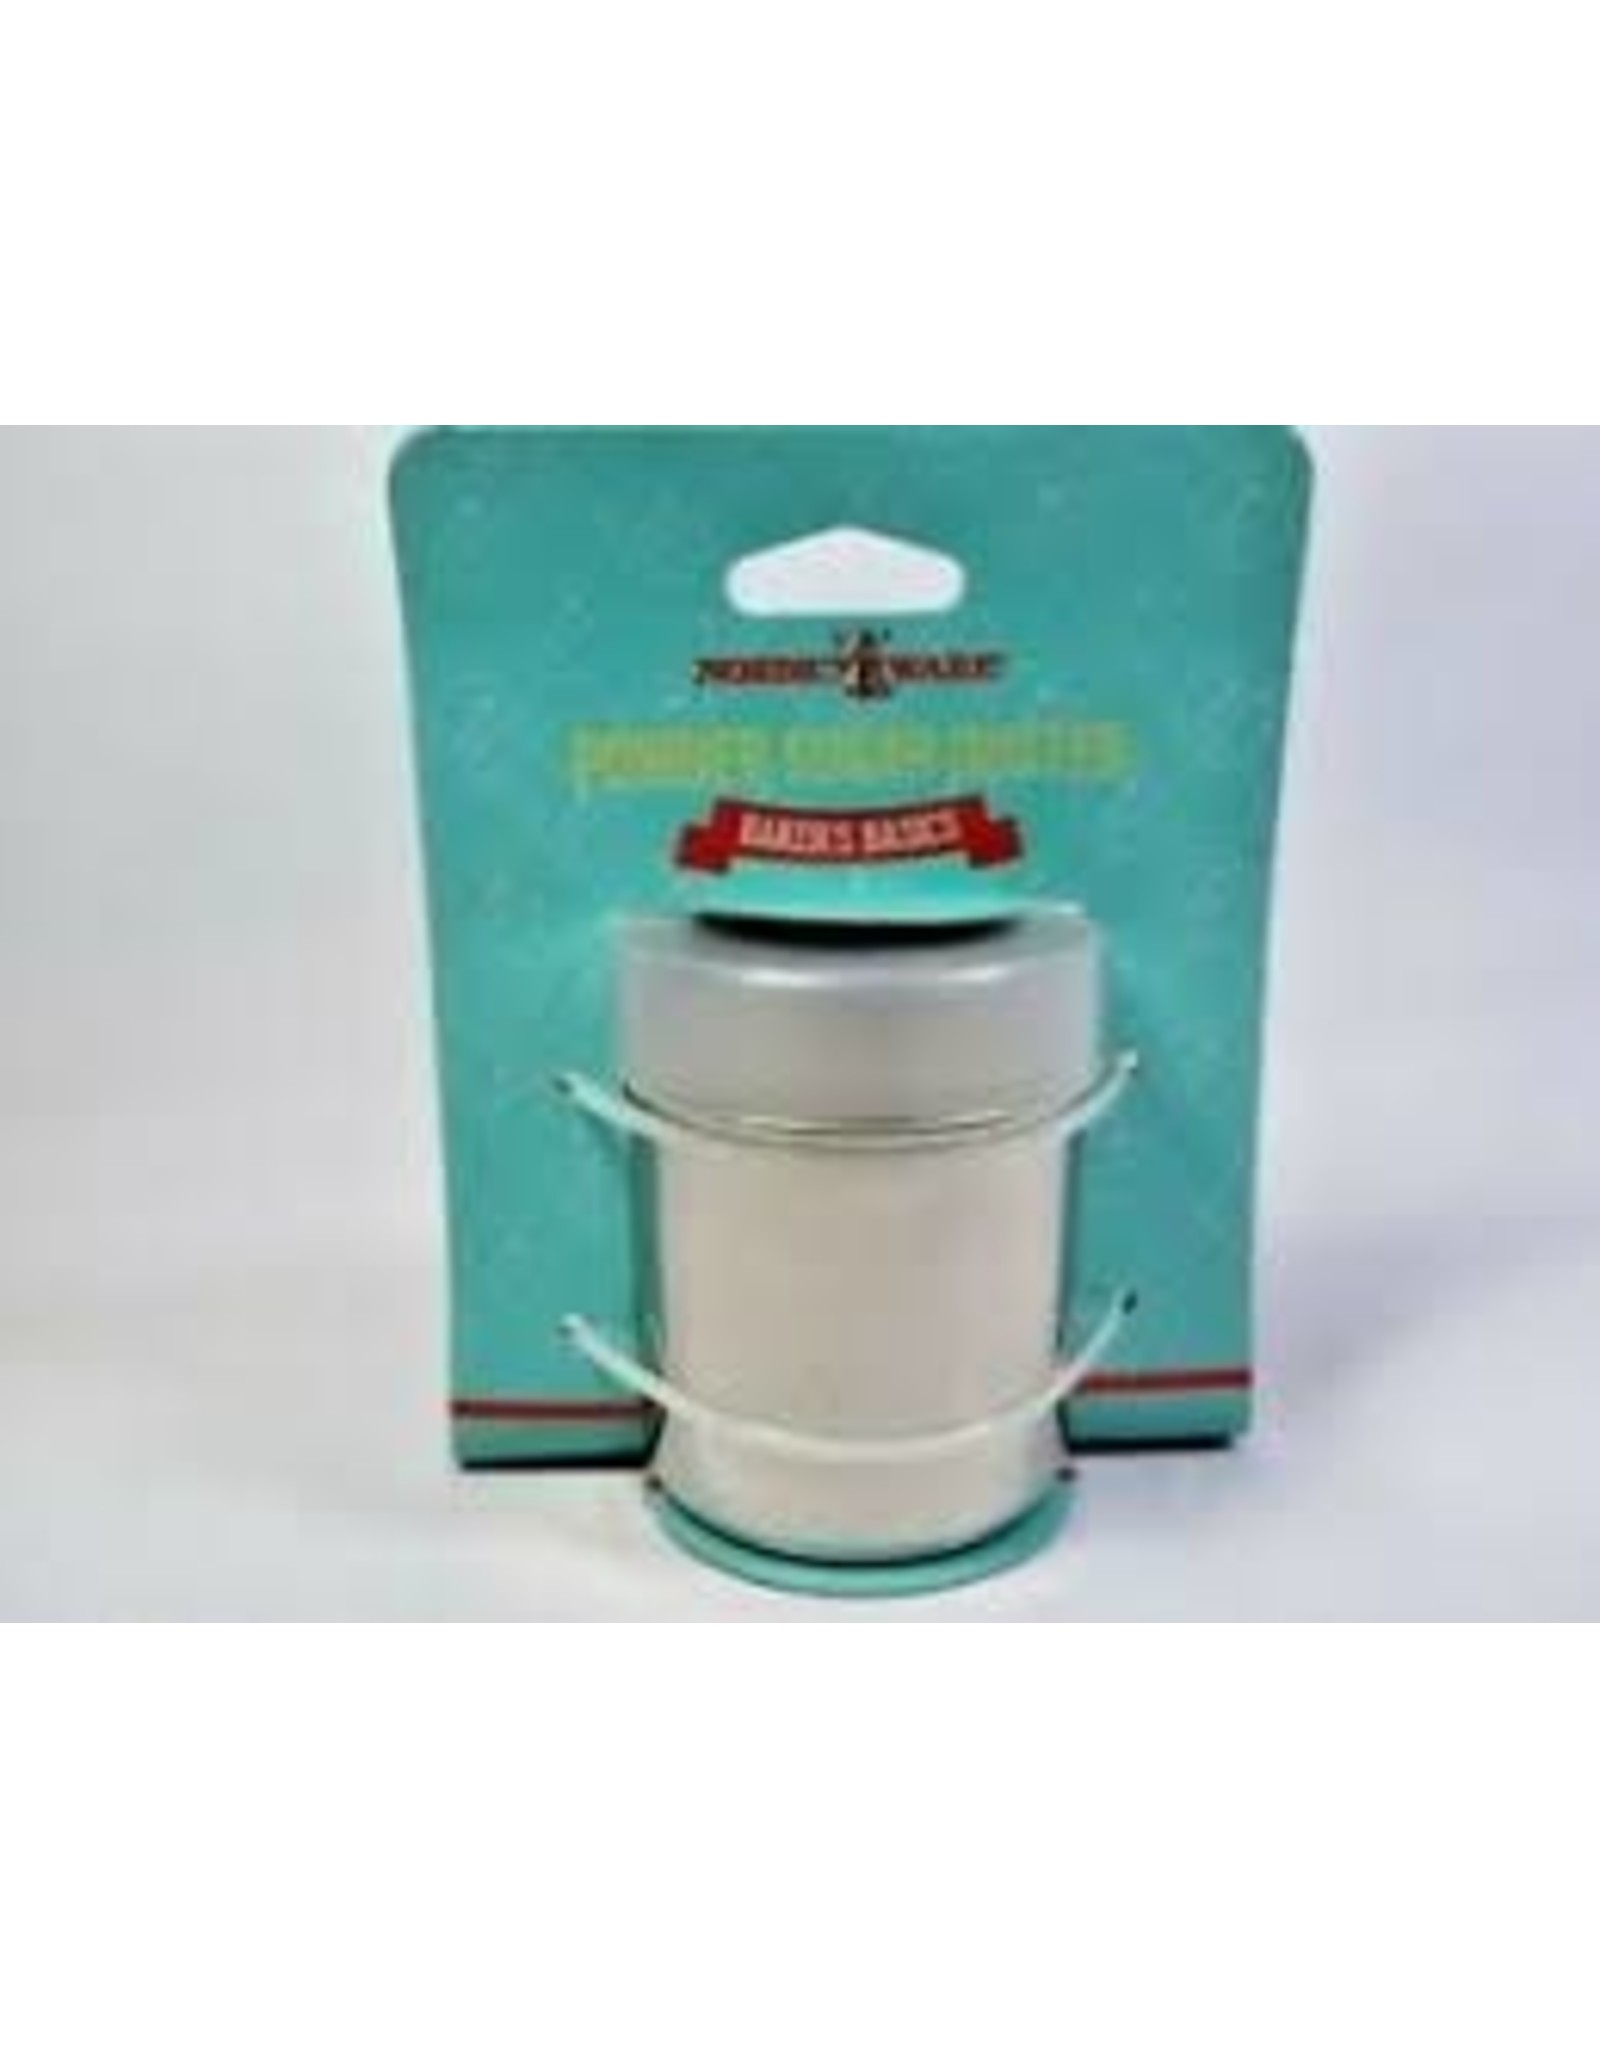 Nordicware NORDICWARE Powdered Sugar Duster